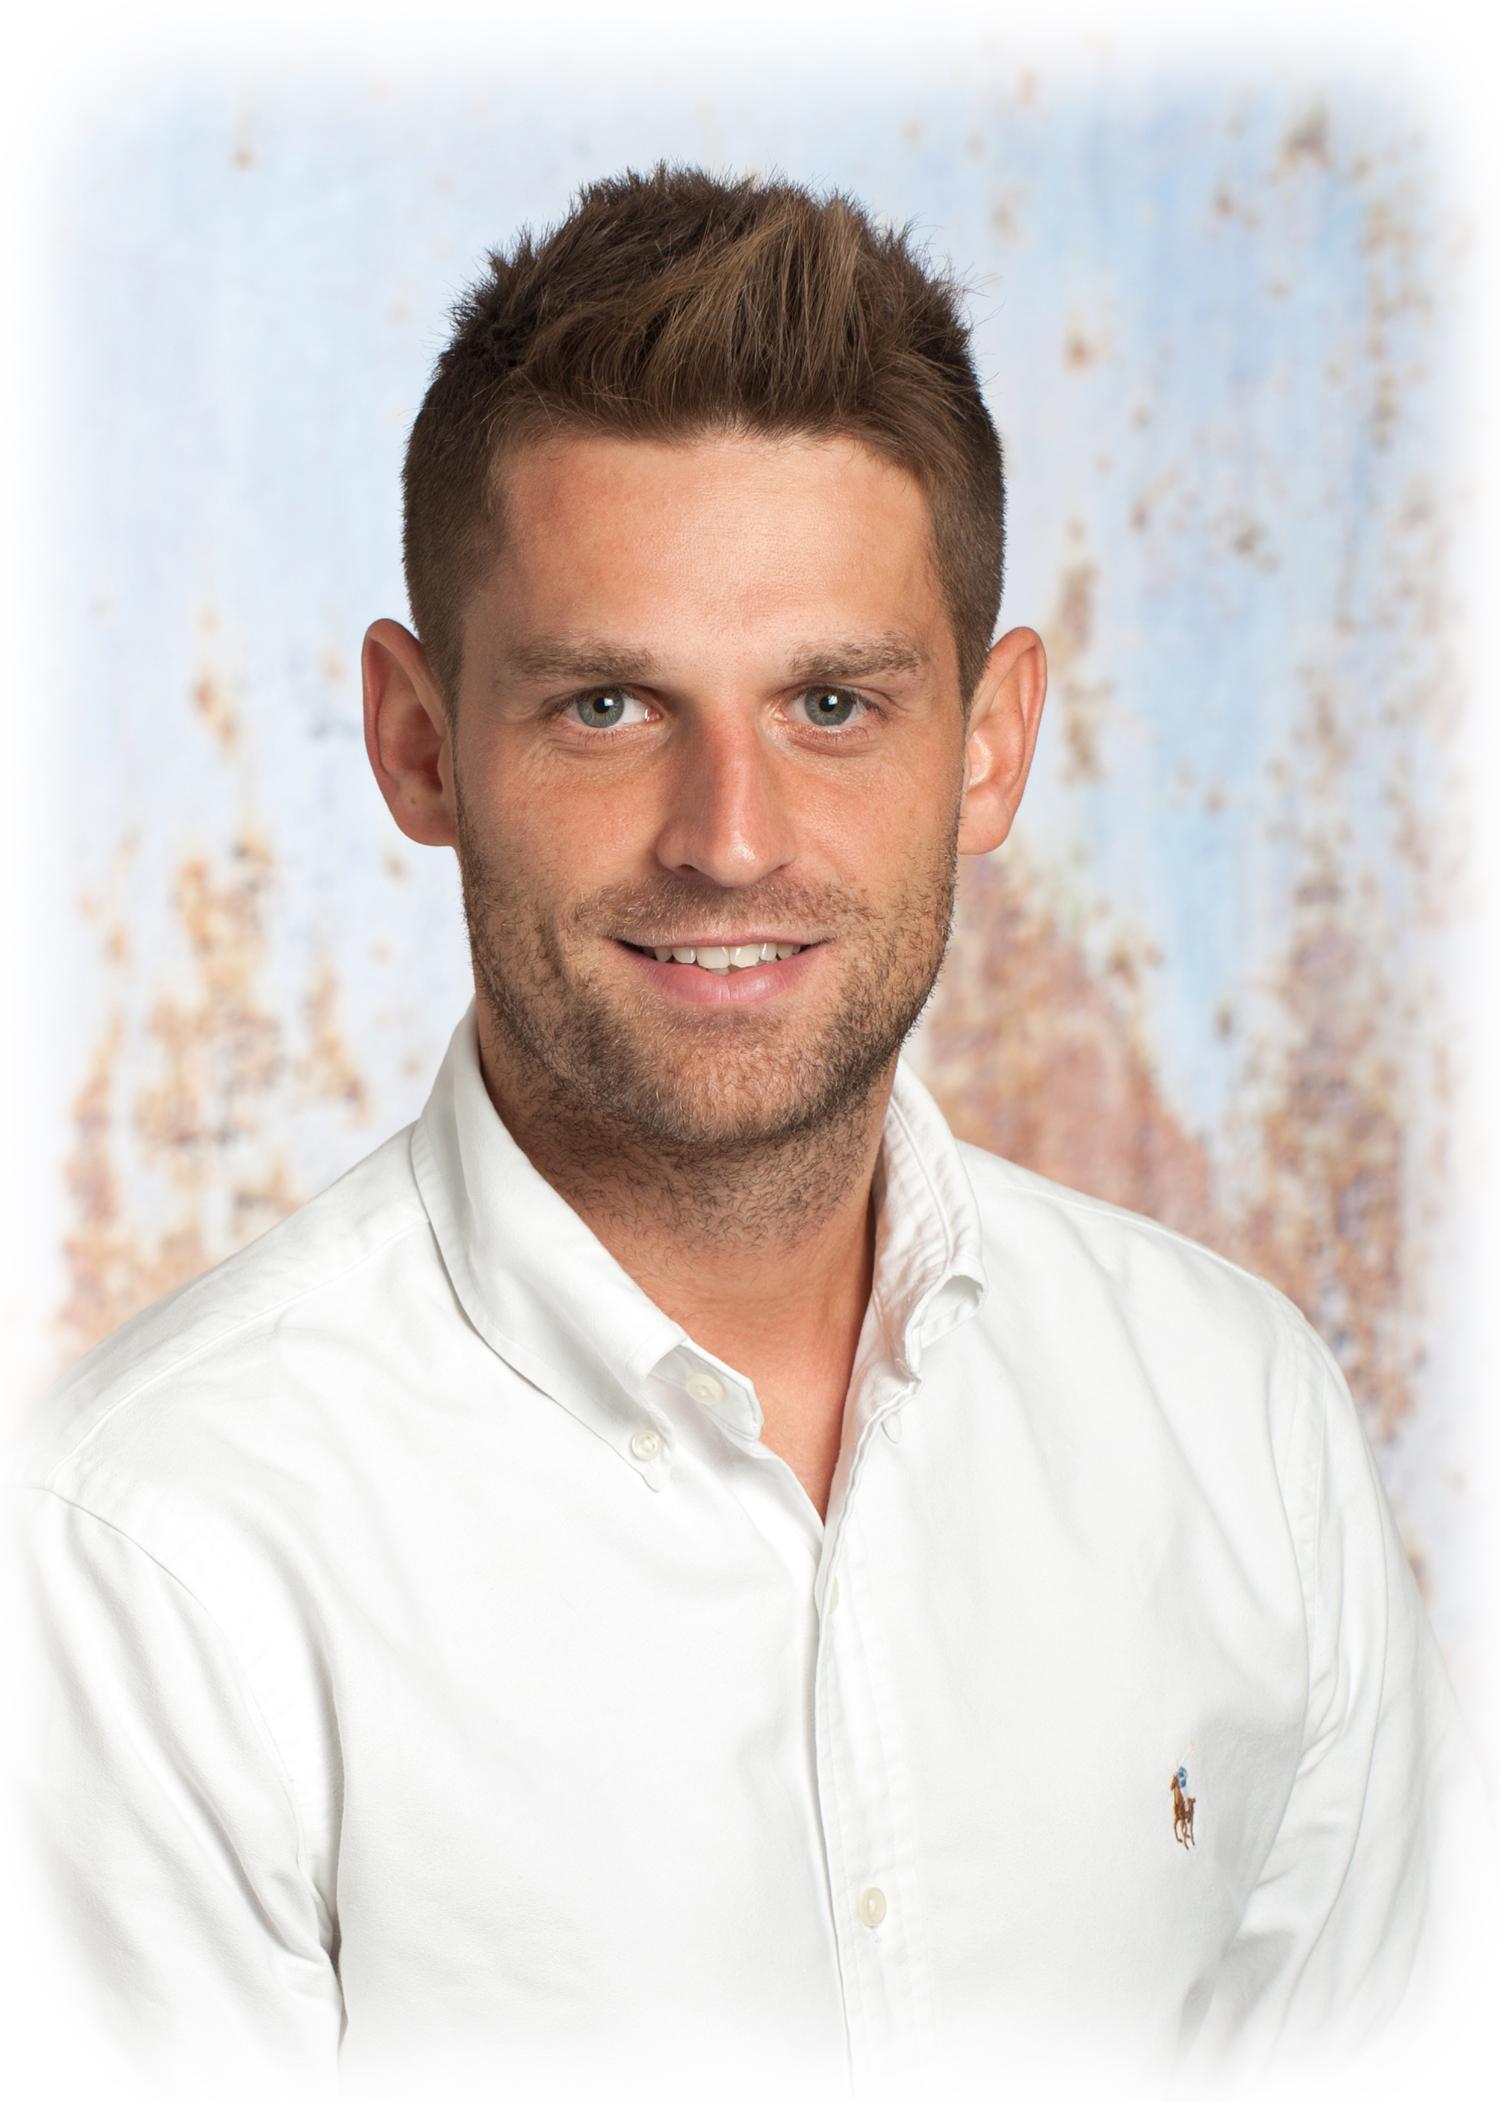 Patrick Philipp